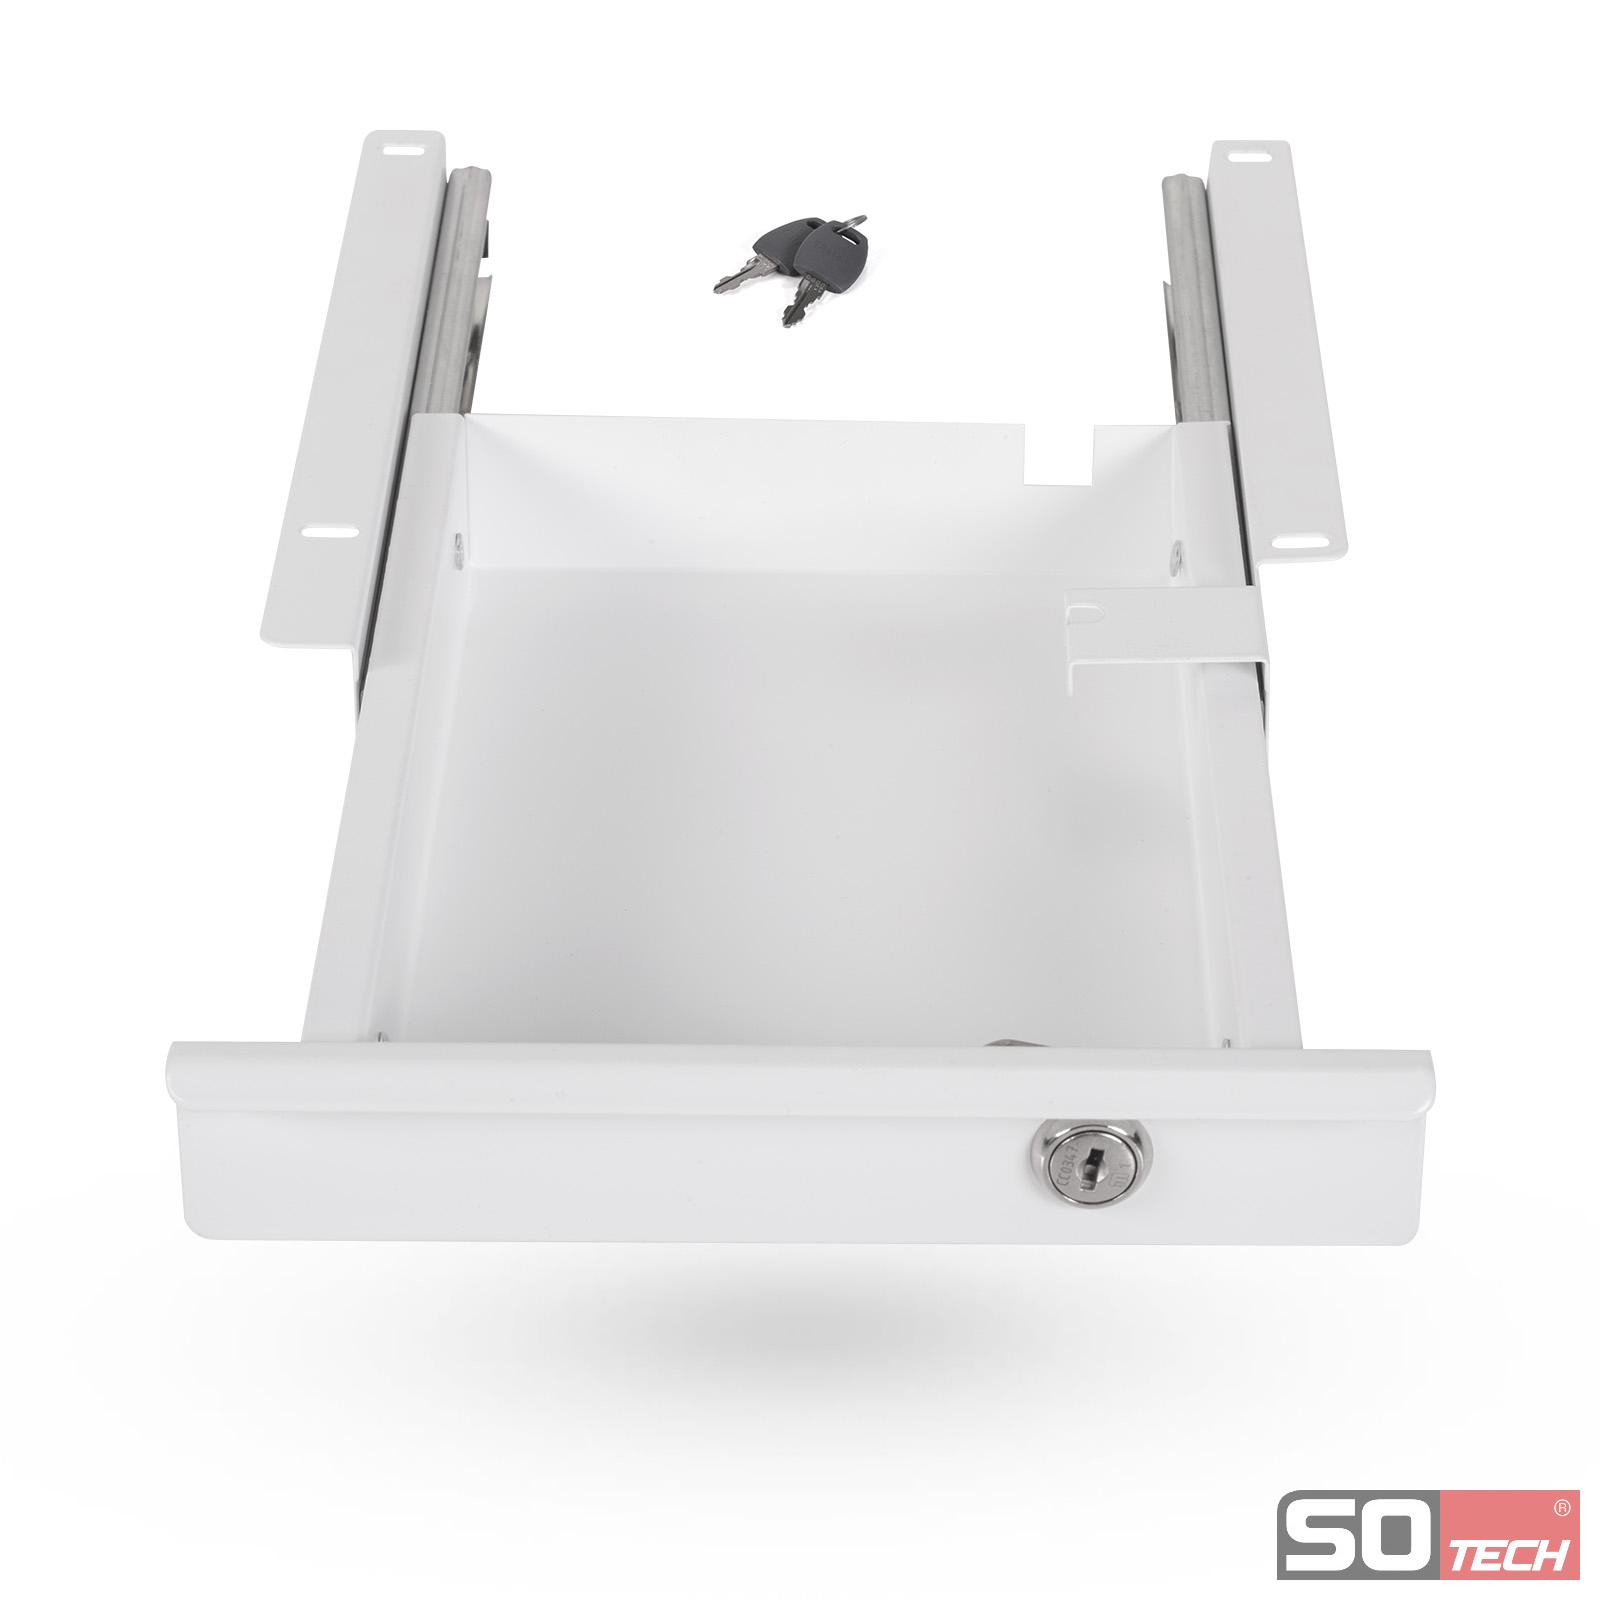 so tech unterbauschublade schreibtisch unterbau schublade h ngeschublade ebay. Black Bedroom Furniture Sets. Home Design Ideas